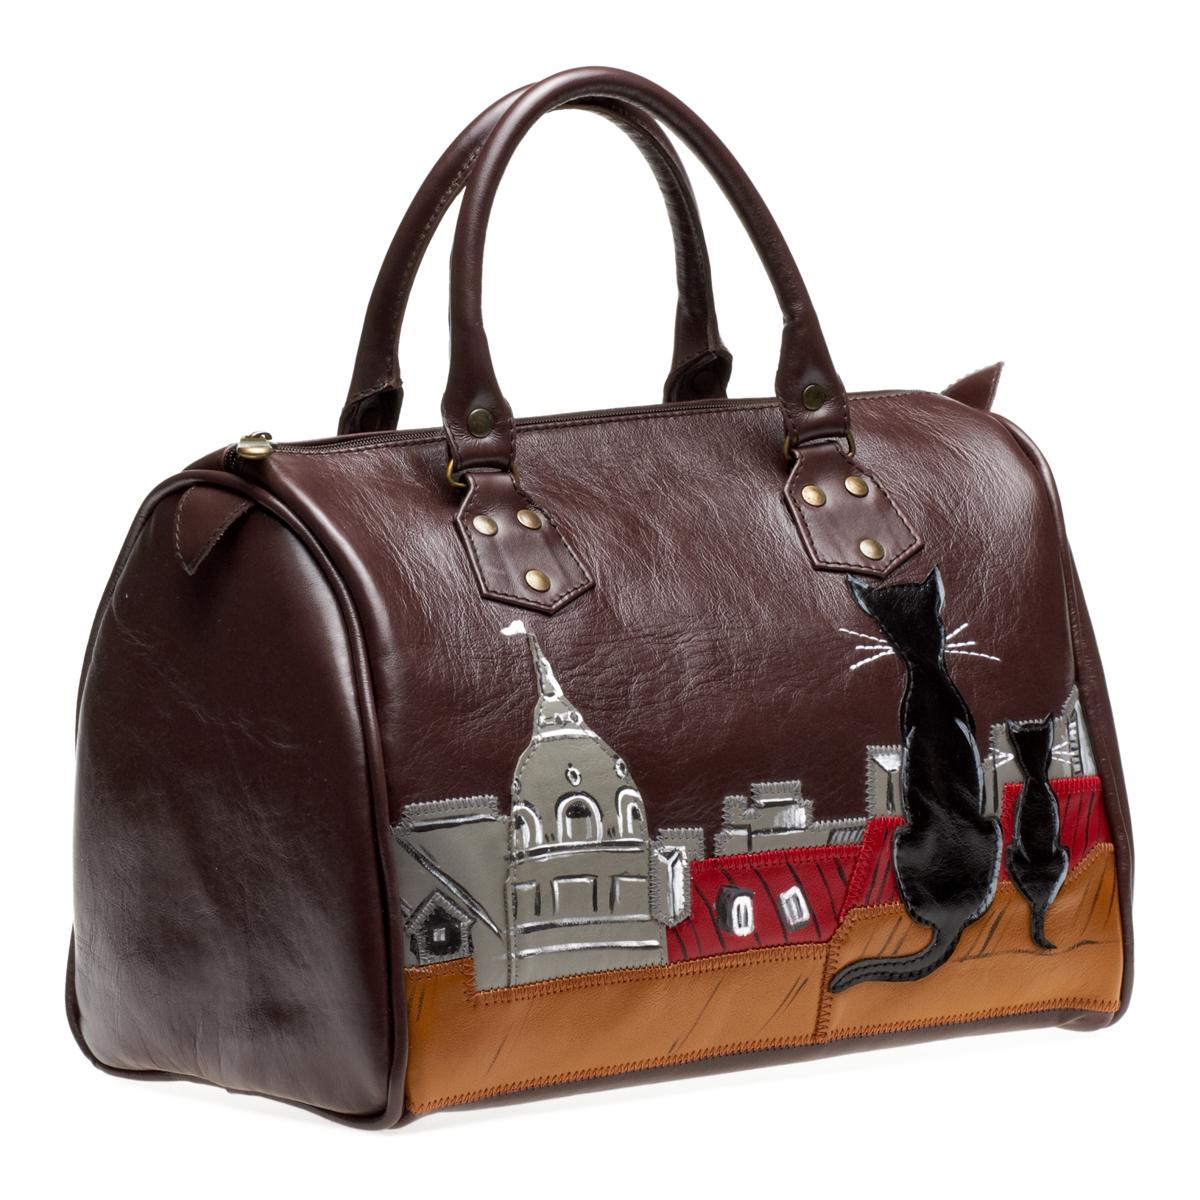 В Мастерской авторских сумок Любови Кургузовой вы сможете заказать дизайнерские сумки из натуральной кожи...